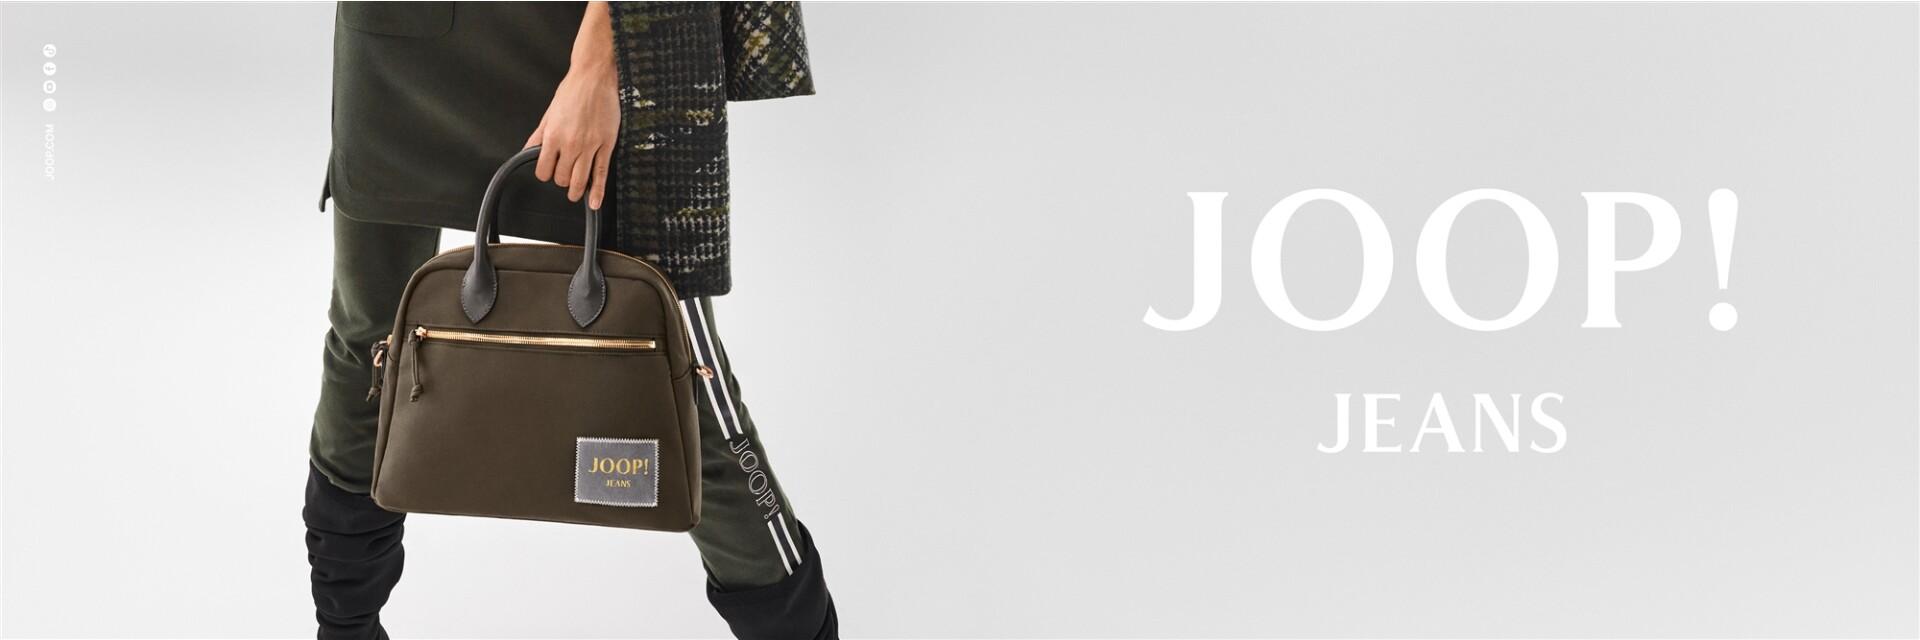 JOOP! JEANS HW21/22